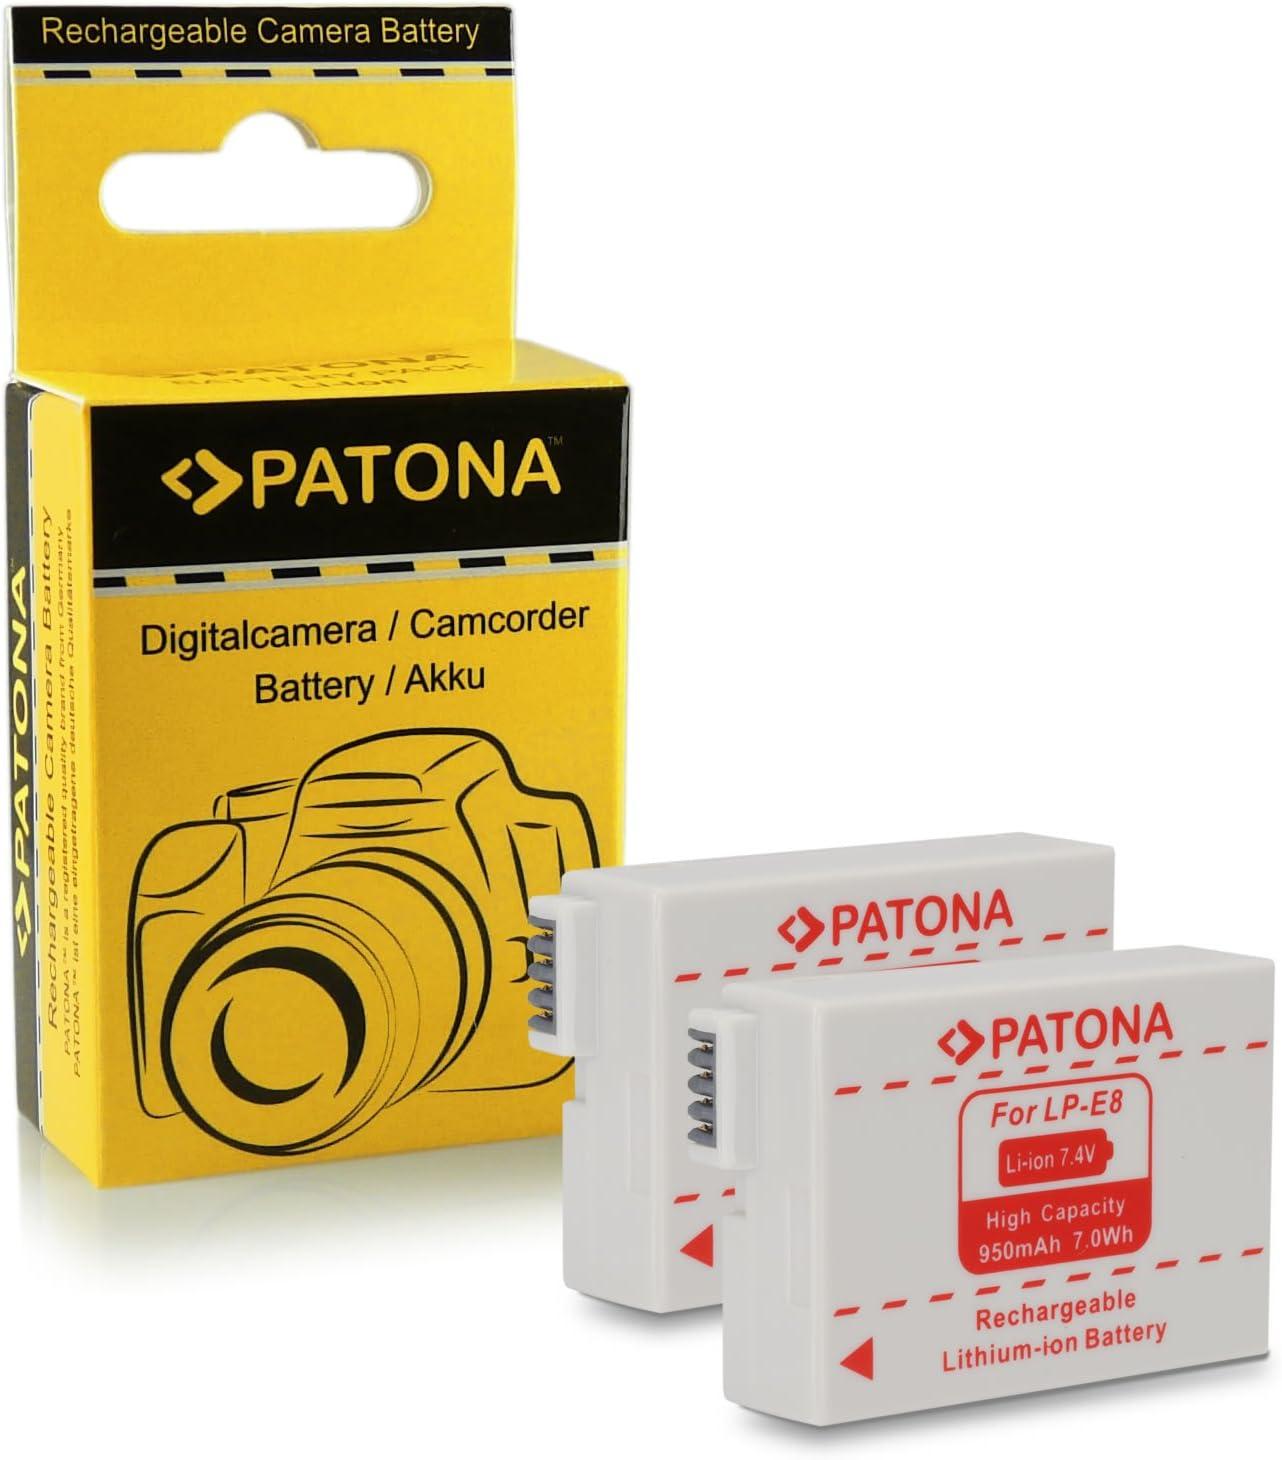 PATONA 2X Bateria reemplazo para Canon LP-E8 Compatible con Canon EOS 550D, 600D, 650D, 700D, Rebel T2i, T3i, T4i, T5i: Amazon.es: Electrónica